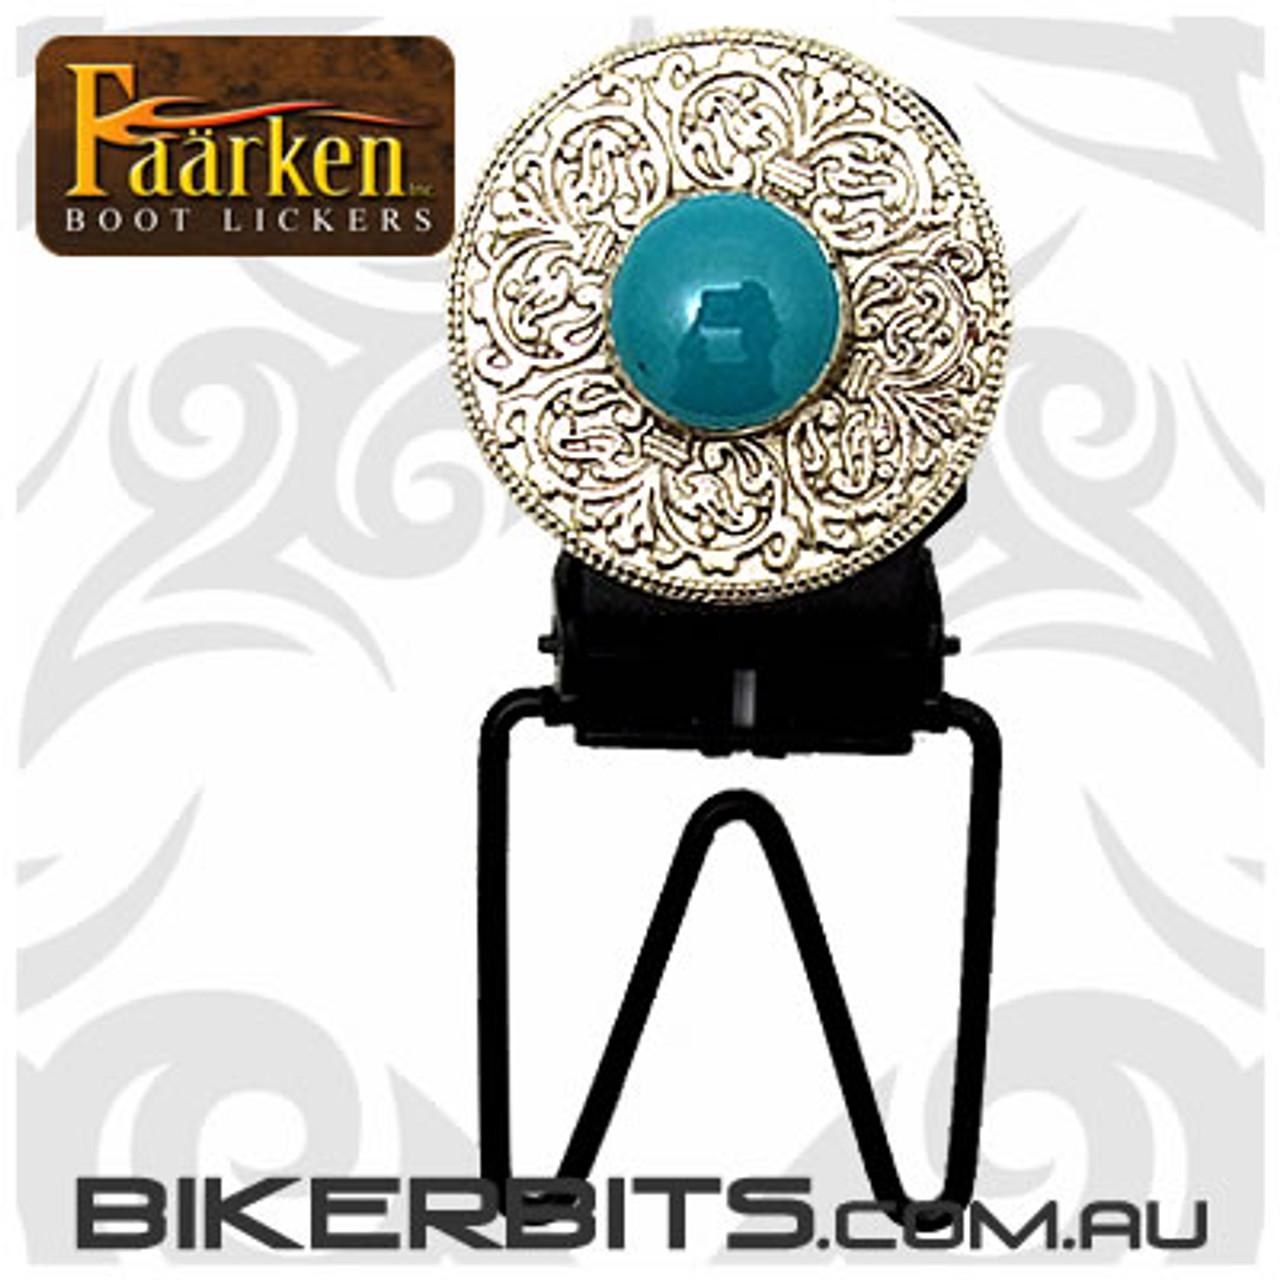 Faarken Biker Boot Lickers - Tribal - Turquoise